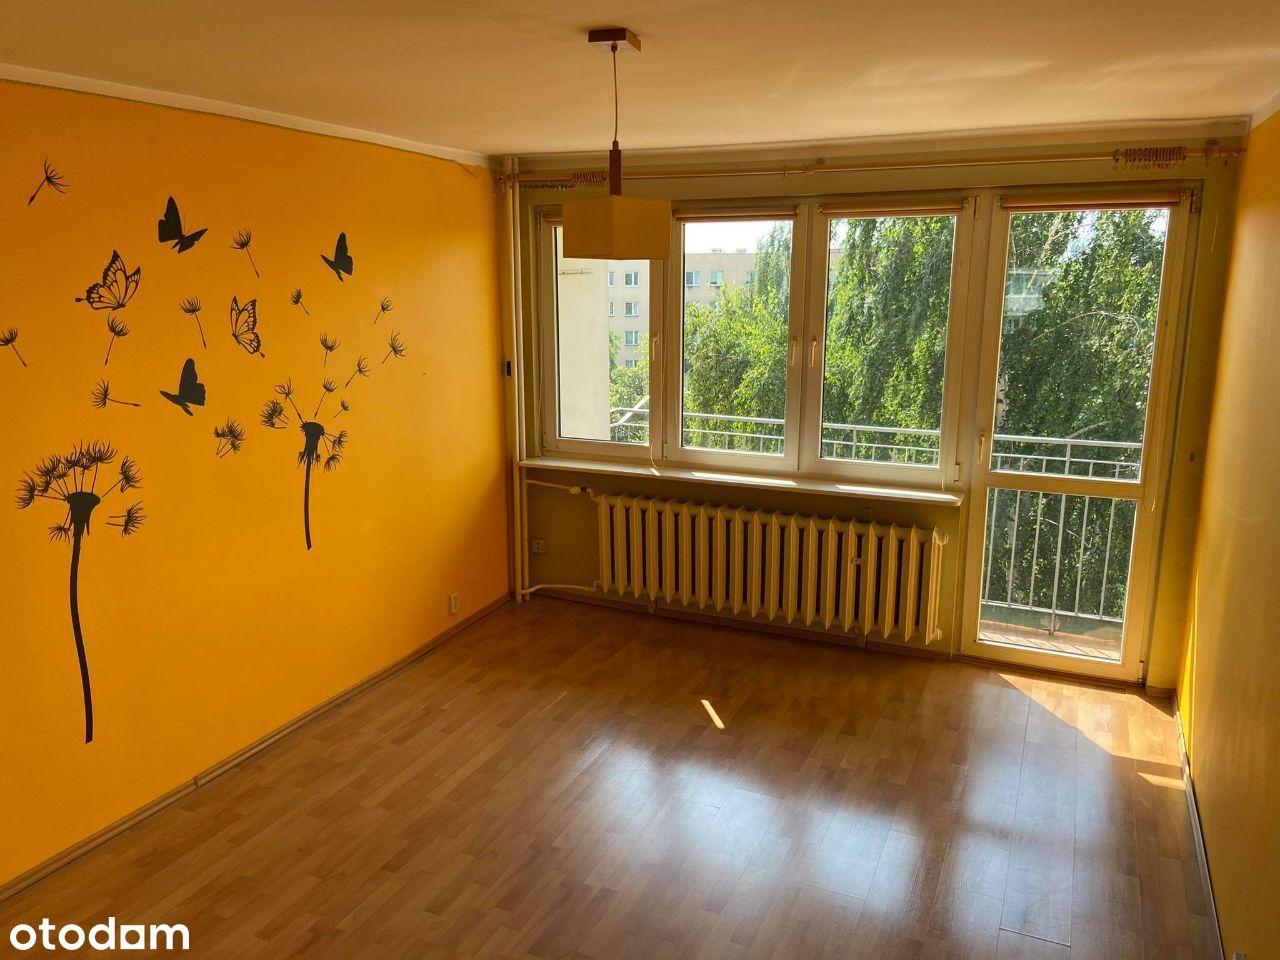 2 pokojowe mieszkanie 46 m2 - balkon i pom. gosp